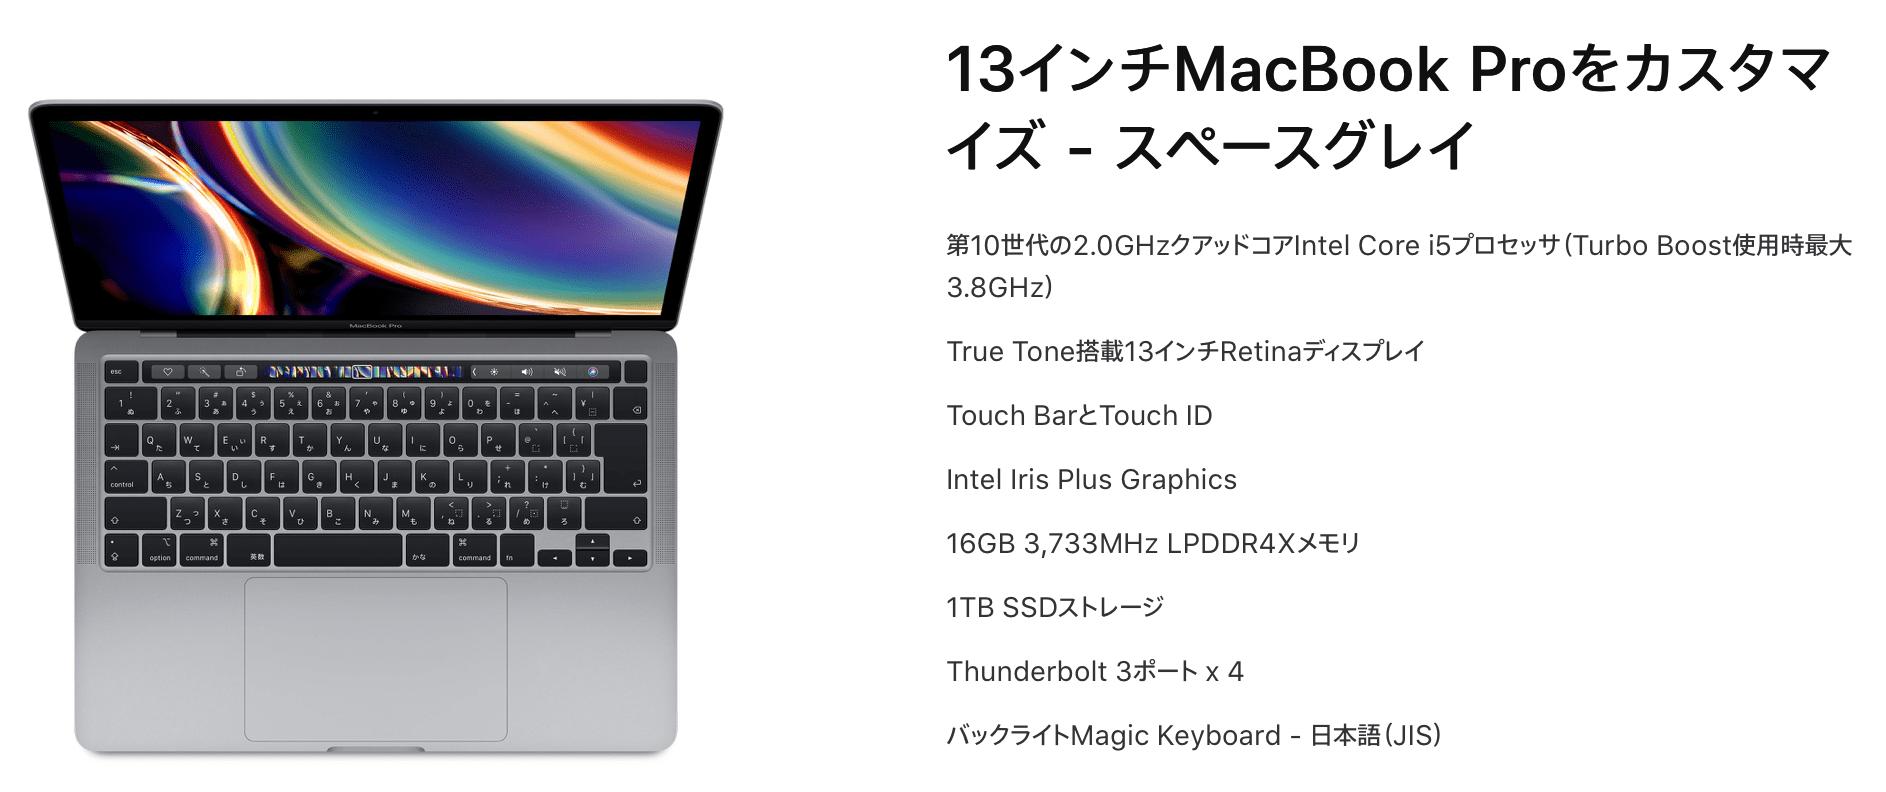 13インチ MacBook Pro(4ポート 下位モデル)